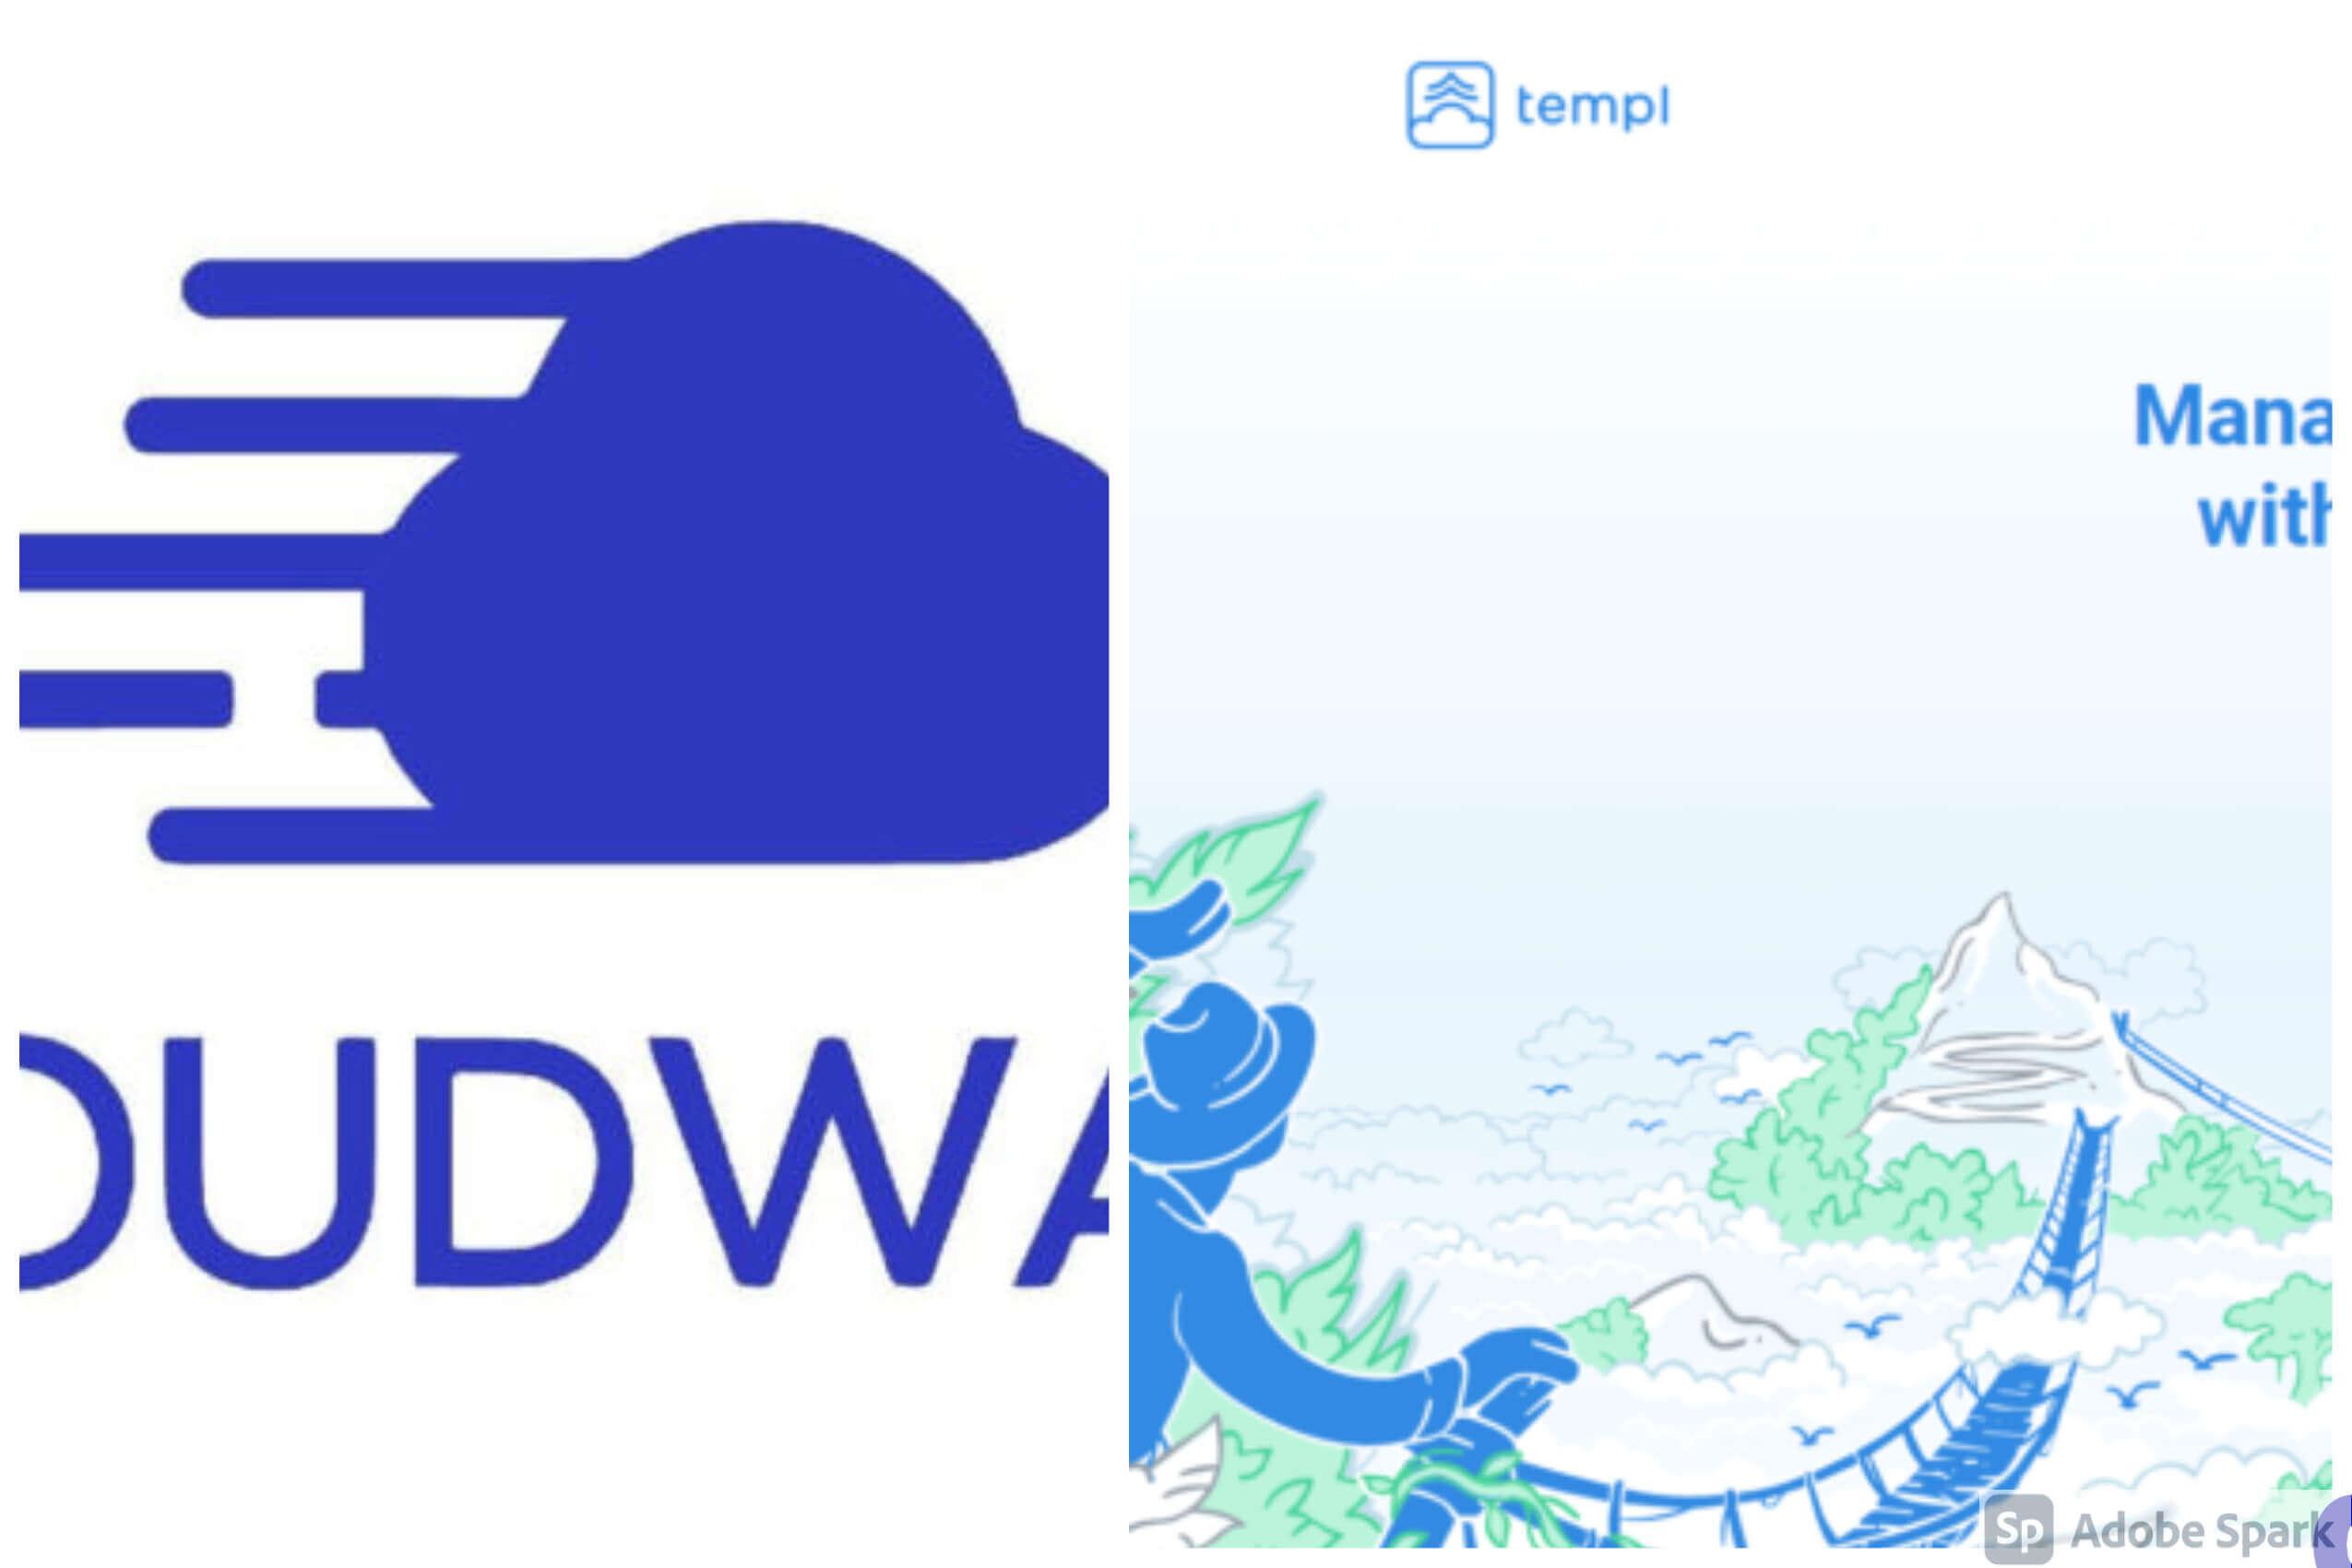 Cloudways vs Templ